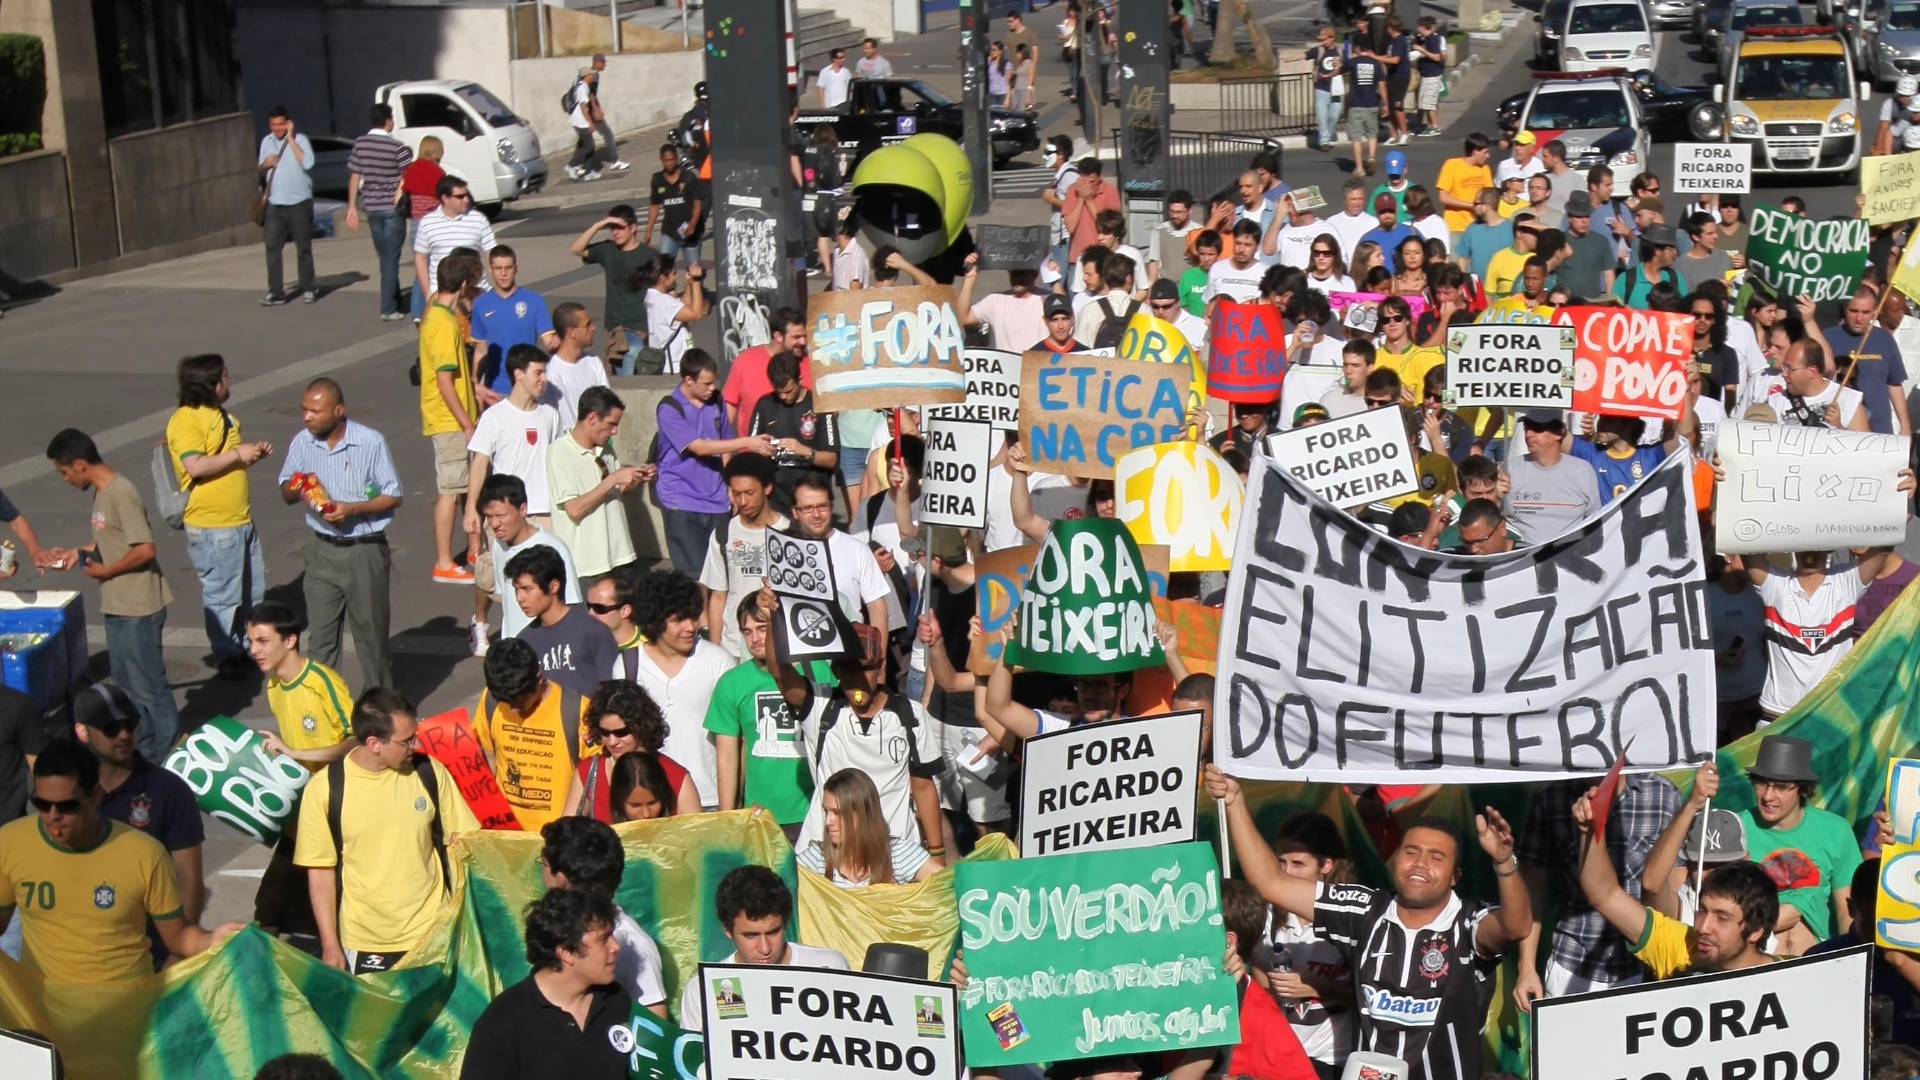 Manifestantes tomam um trecho da Avenida Paulista na marcha contra Ricardo Teixeira em São Paulo (13/08/2011)